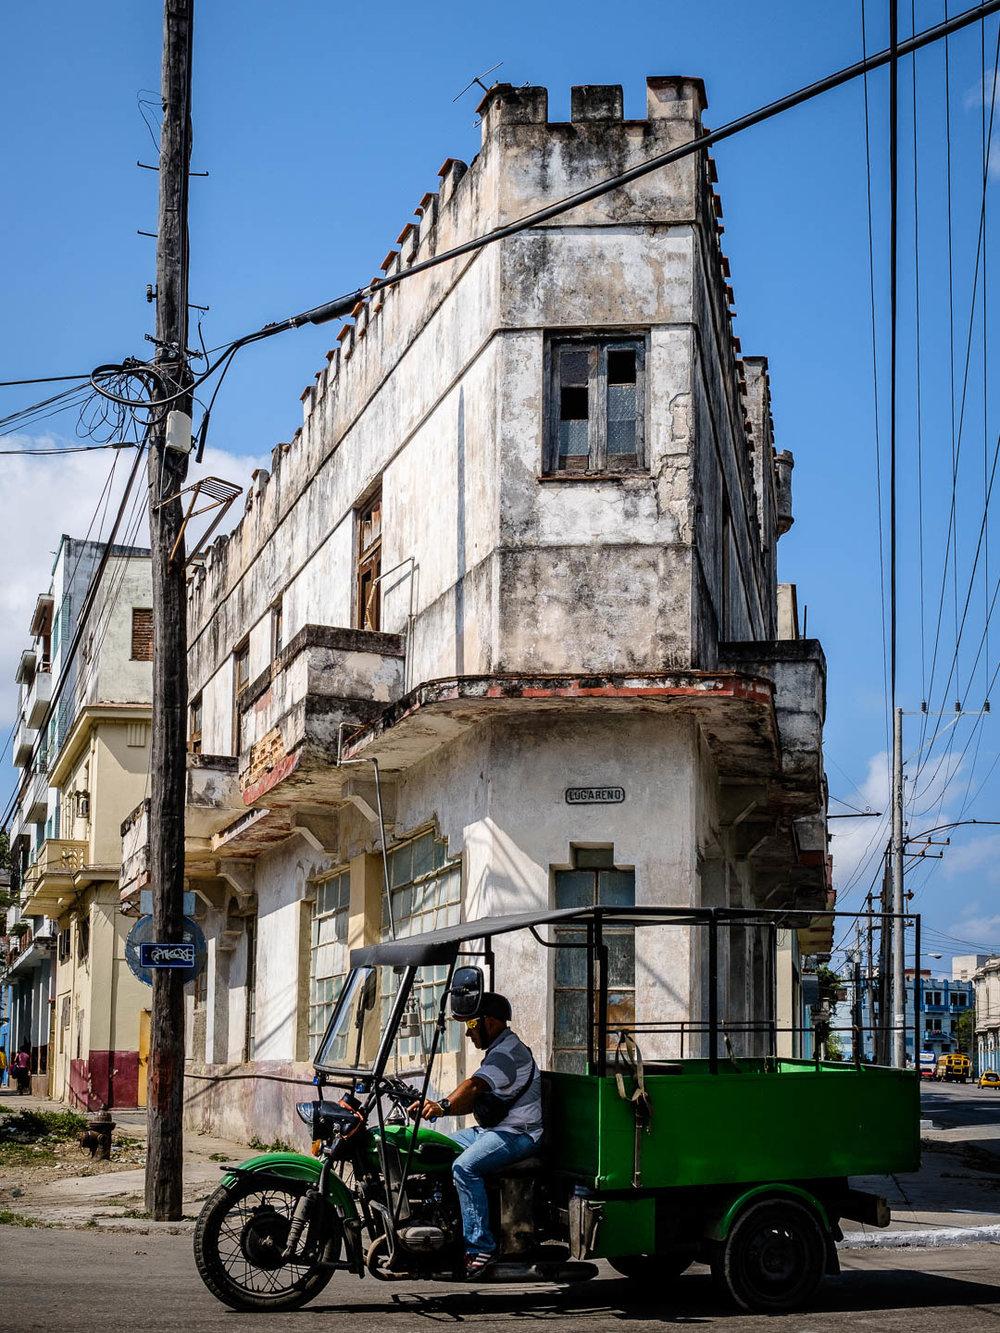 180430-Havana-96-1080.jpg